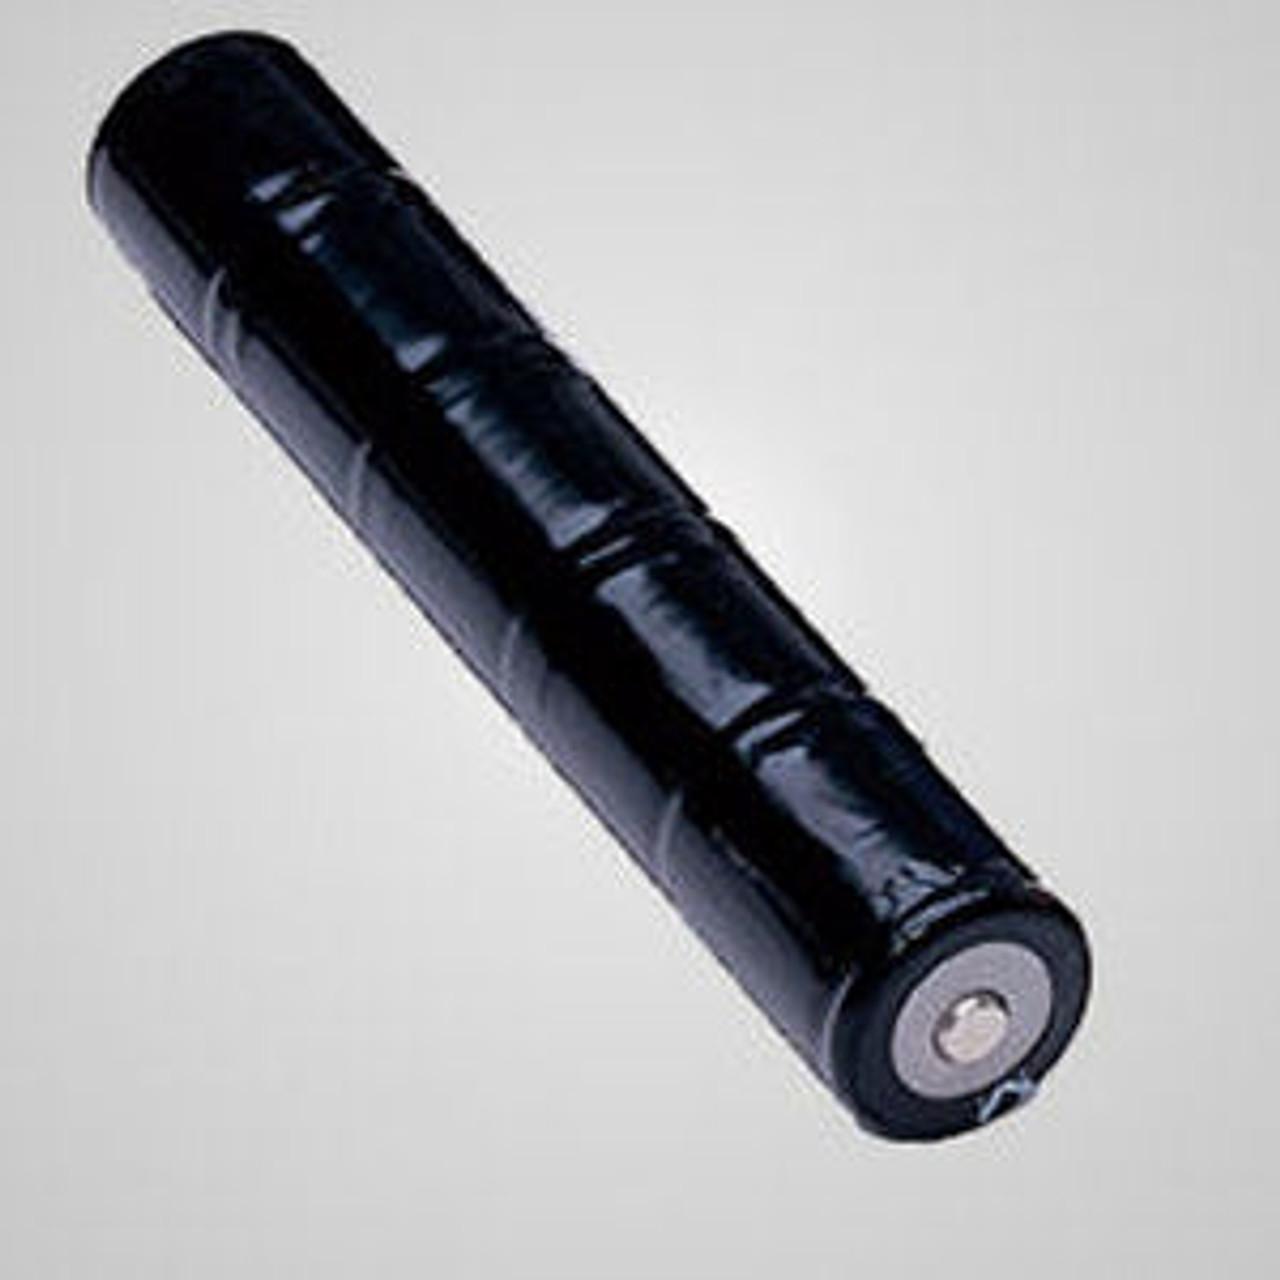 Maglite Magcharger Battery - 2500mAh Ni-Cd